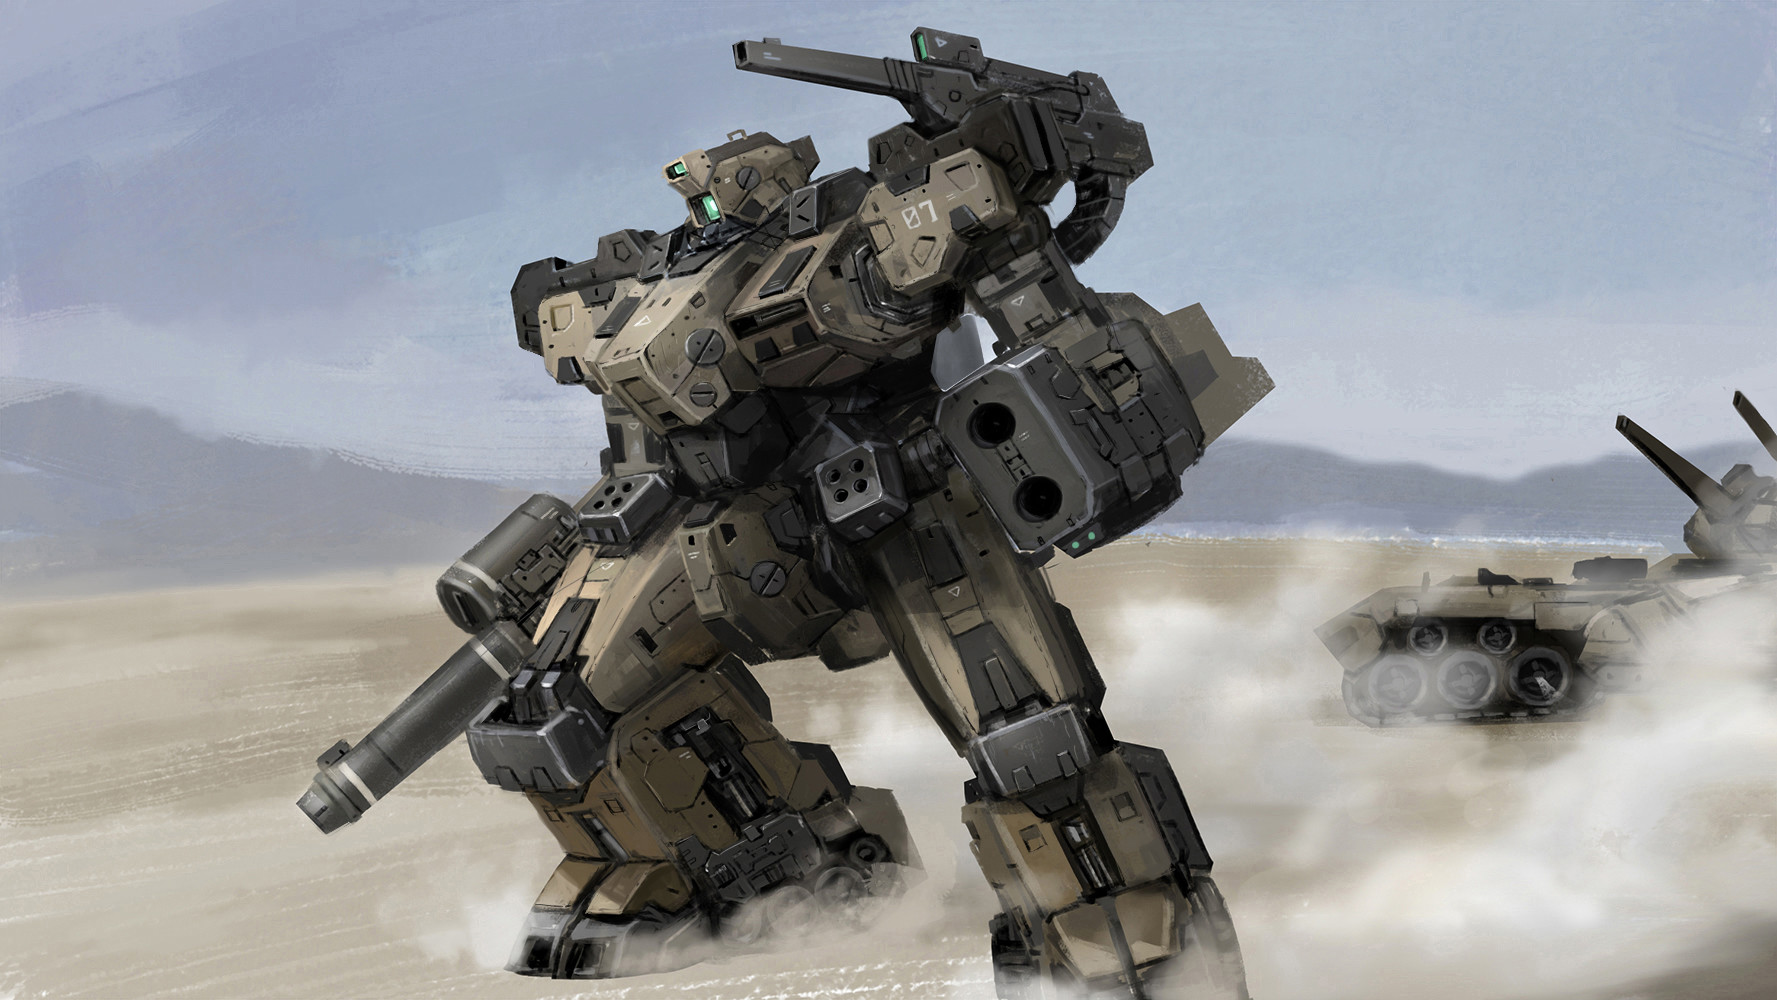 Gundam Girl Wallpaper Artstation Desert Mech Ricky Ryan